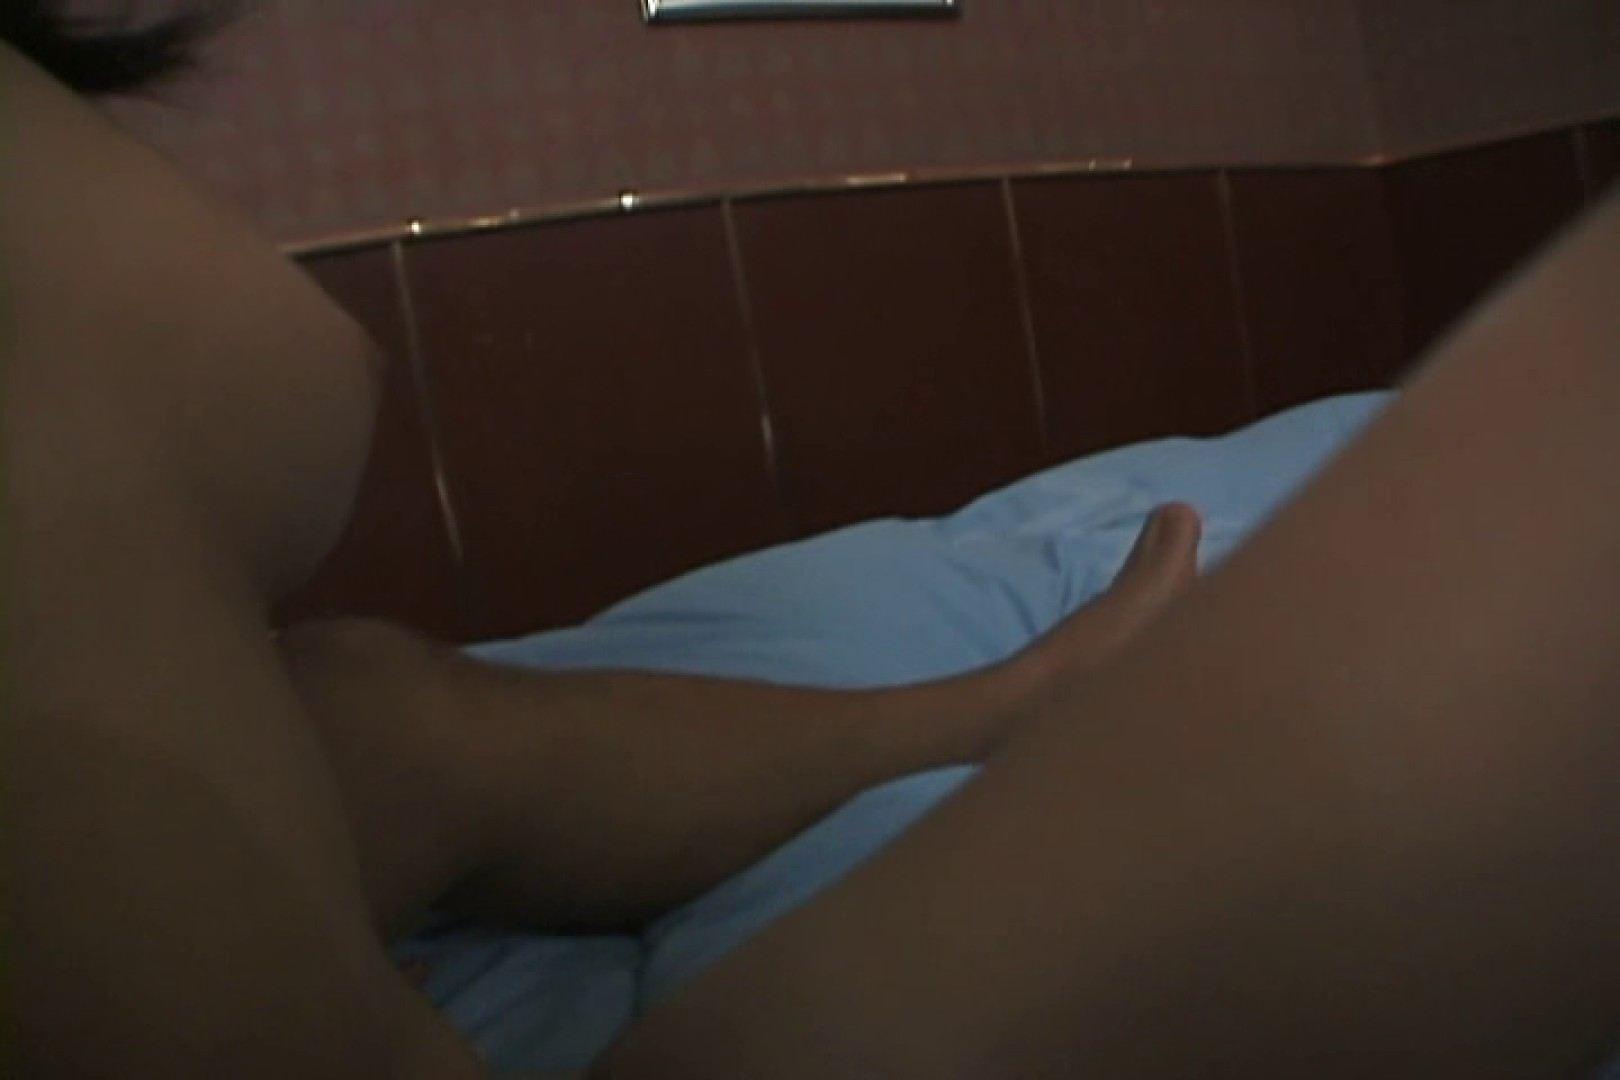 旦那との愛よりも、愛人とのSEX~片瀬梨子~vol,1 ローター   熟女のエッチ  107pic 64